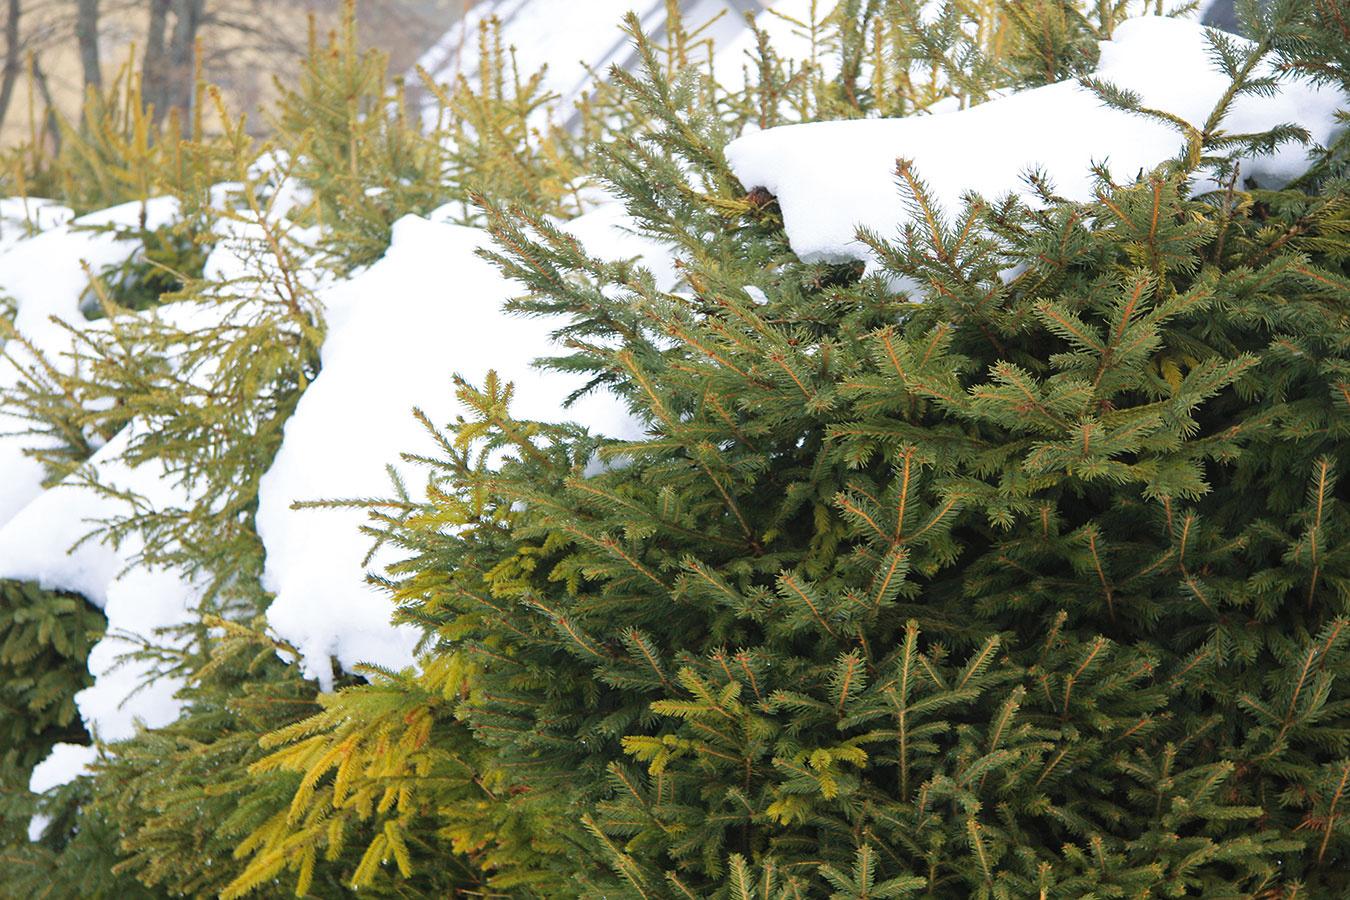 Vzime pravidelne kontrolujte neporušenosť krytu, ktorý rastliny chráni (zakrytie chvojkami), ako aj pevnosť opôr pri novovysadených solitéroch (magnóliách, katalpách, japonských javoroch alebo okrasných čerešniach).